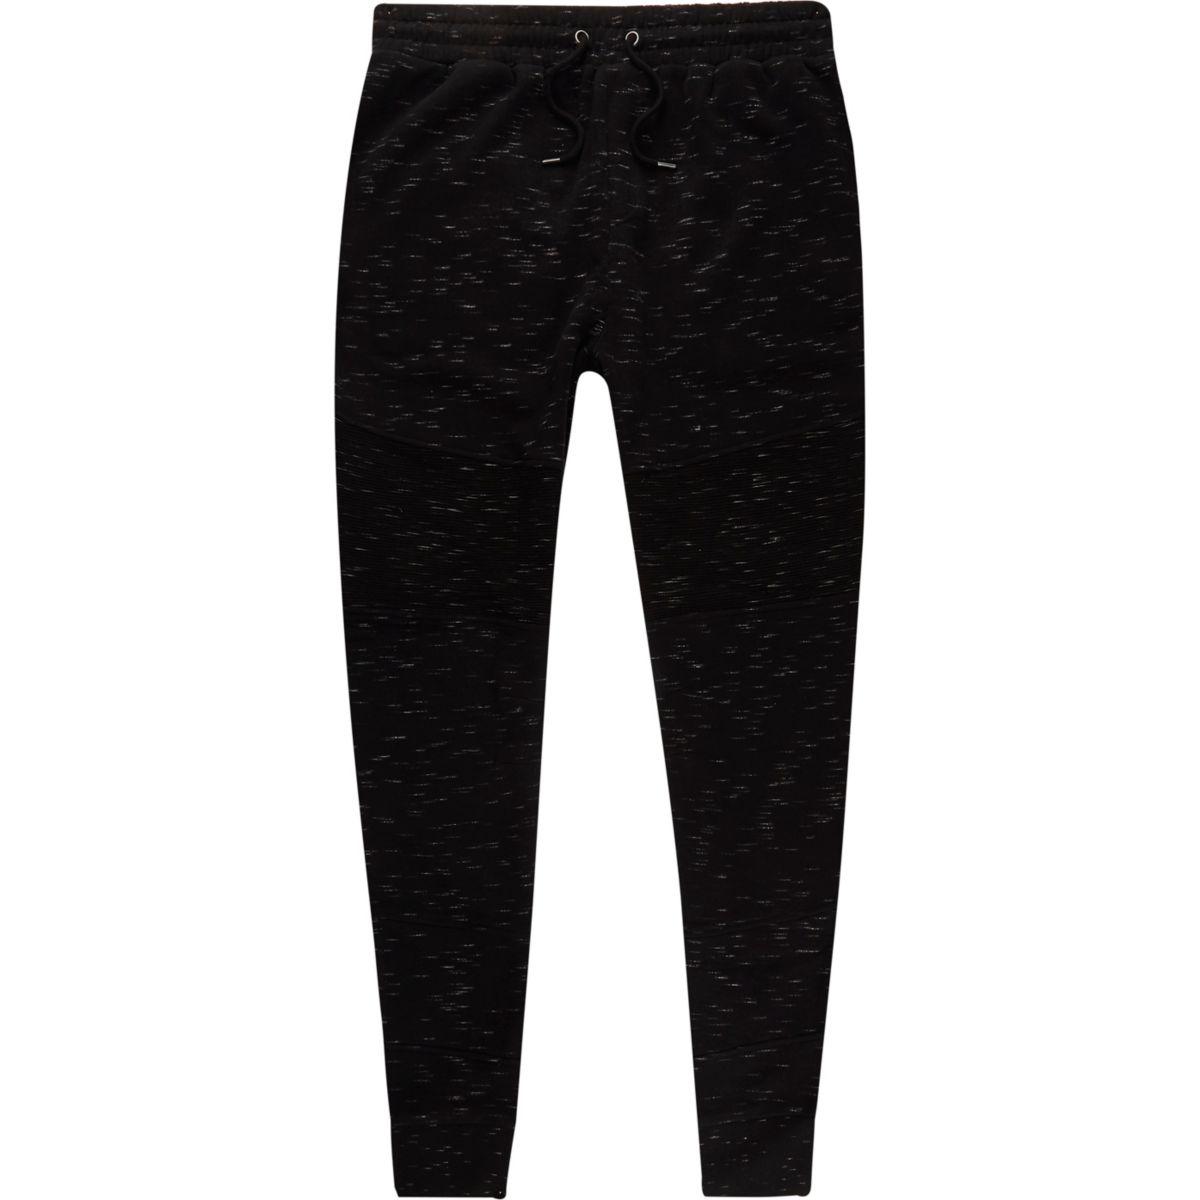 Pantalon de jogging ajusté en jersey noir